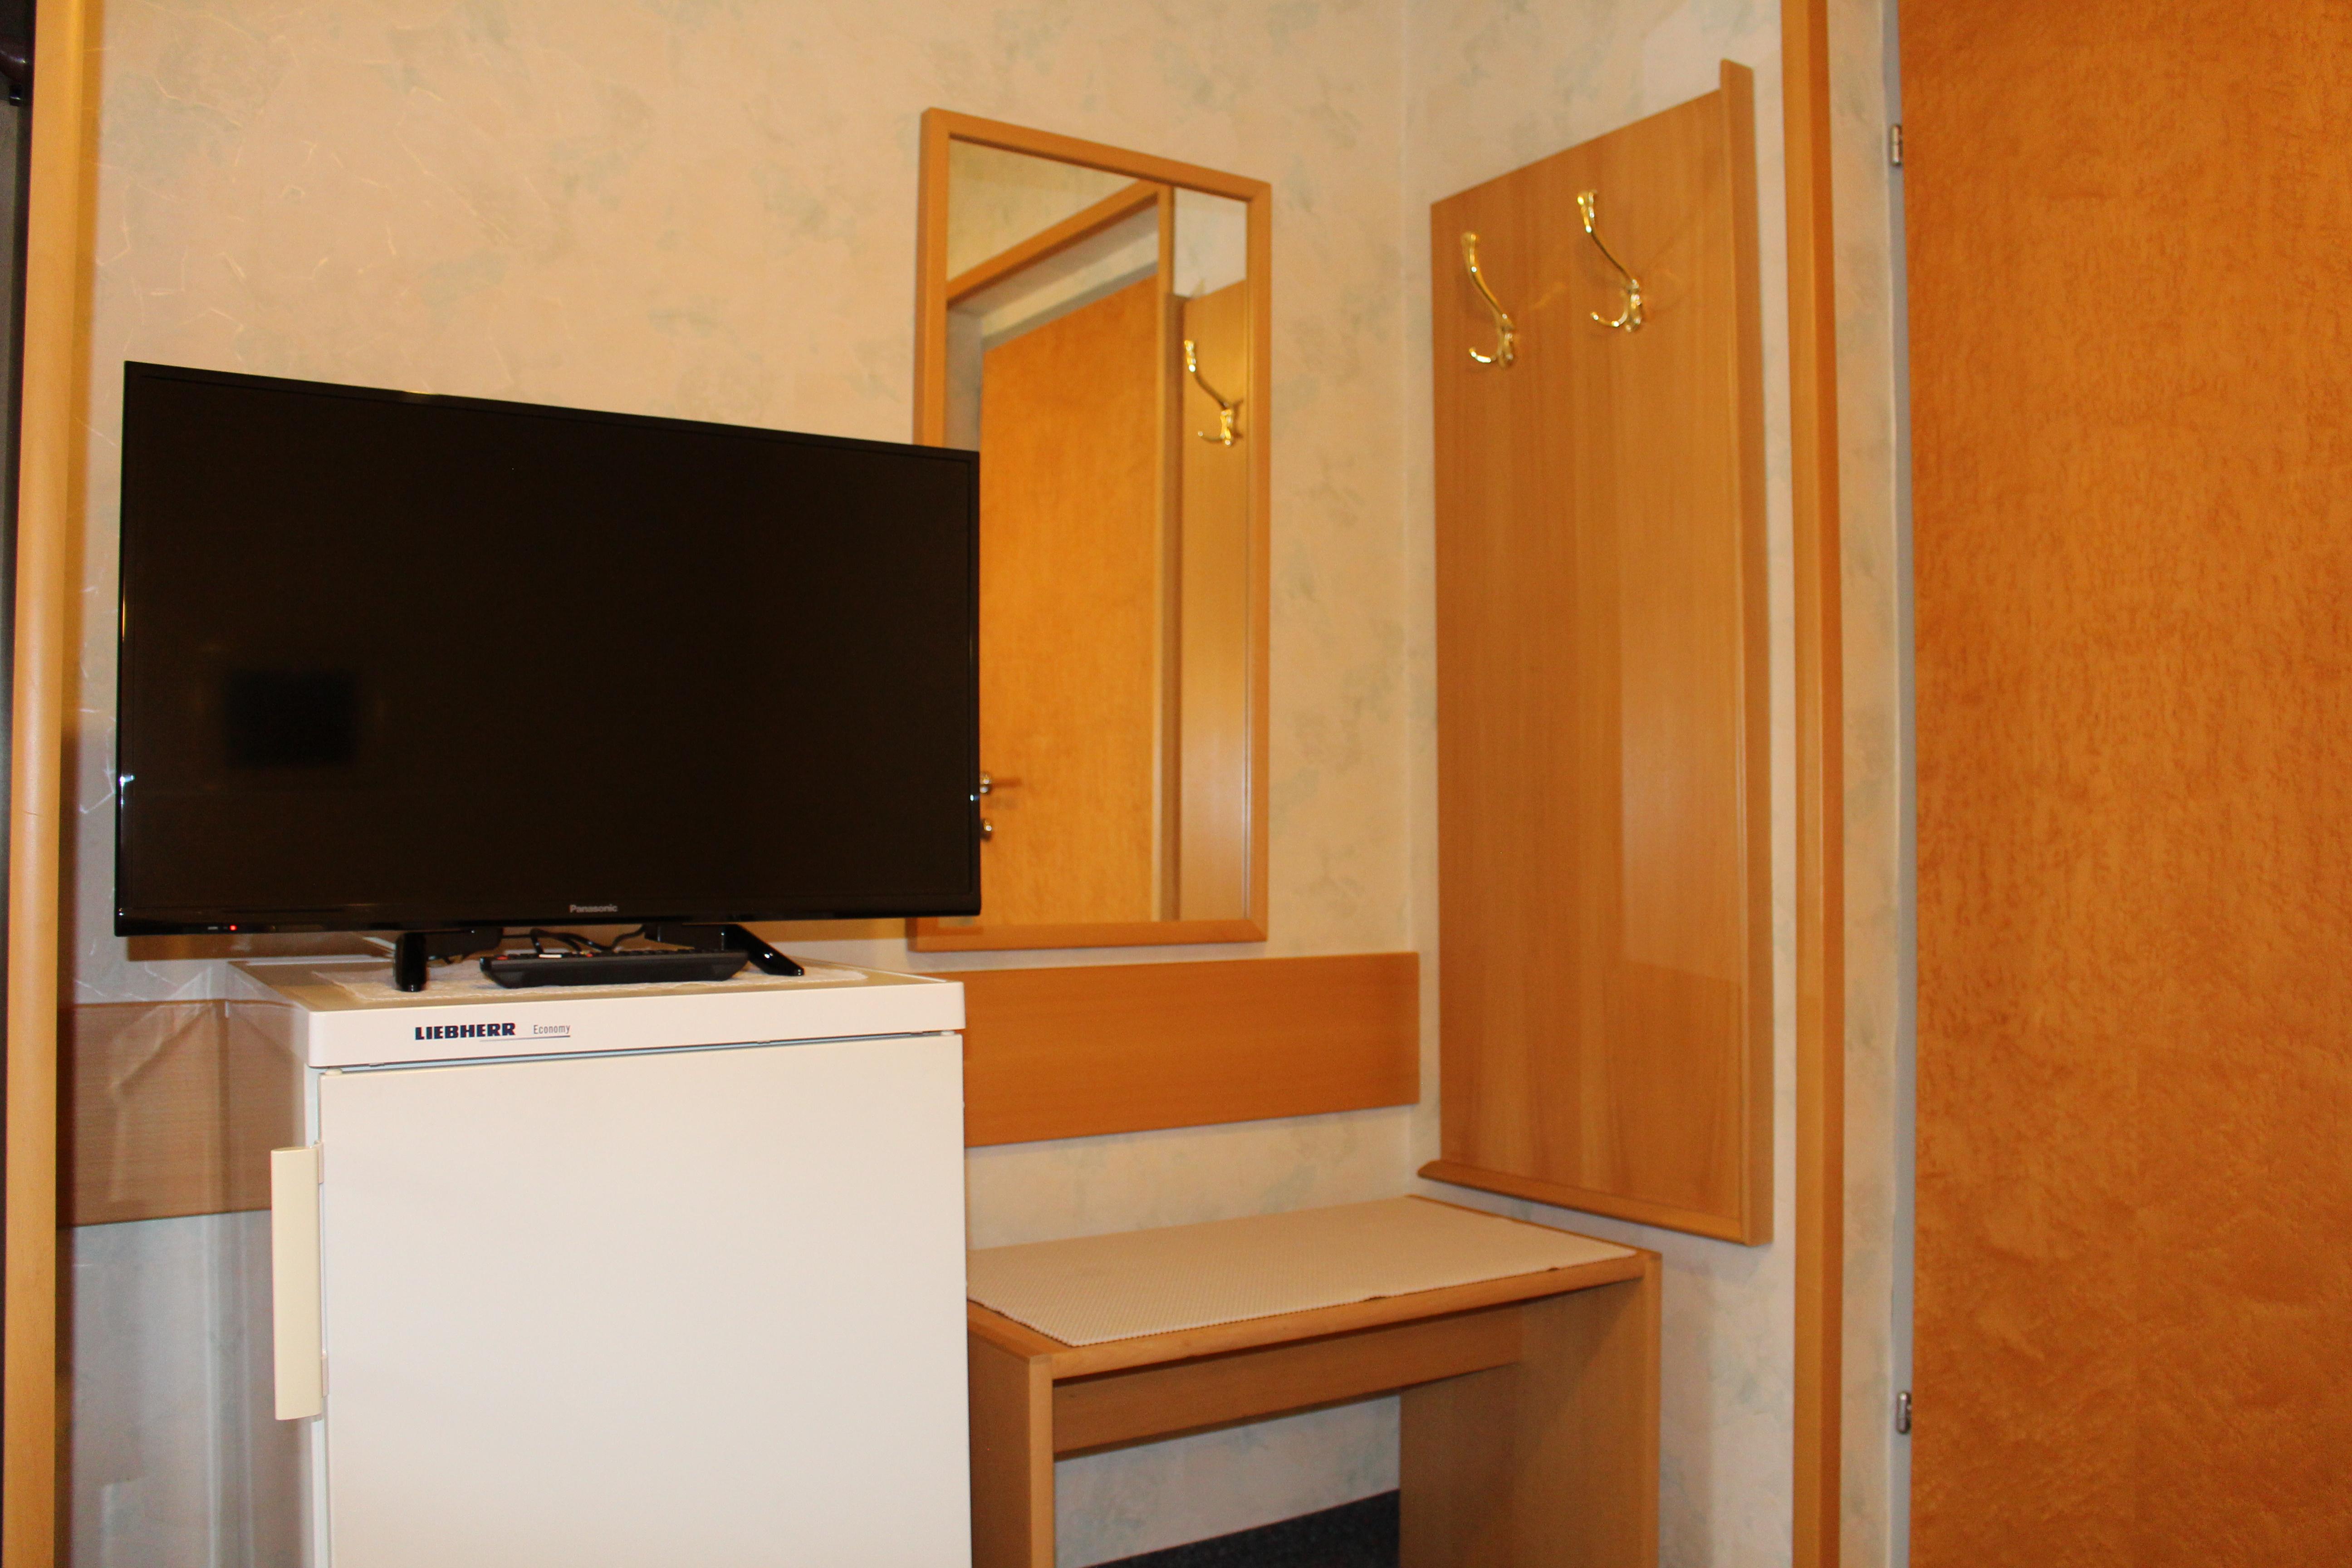 Zimmer Nr. 6 - TV